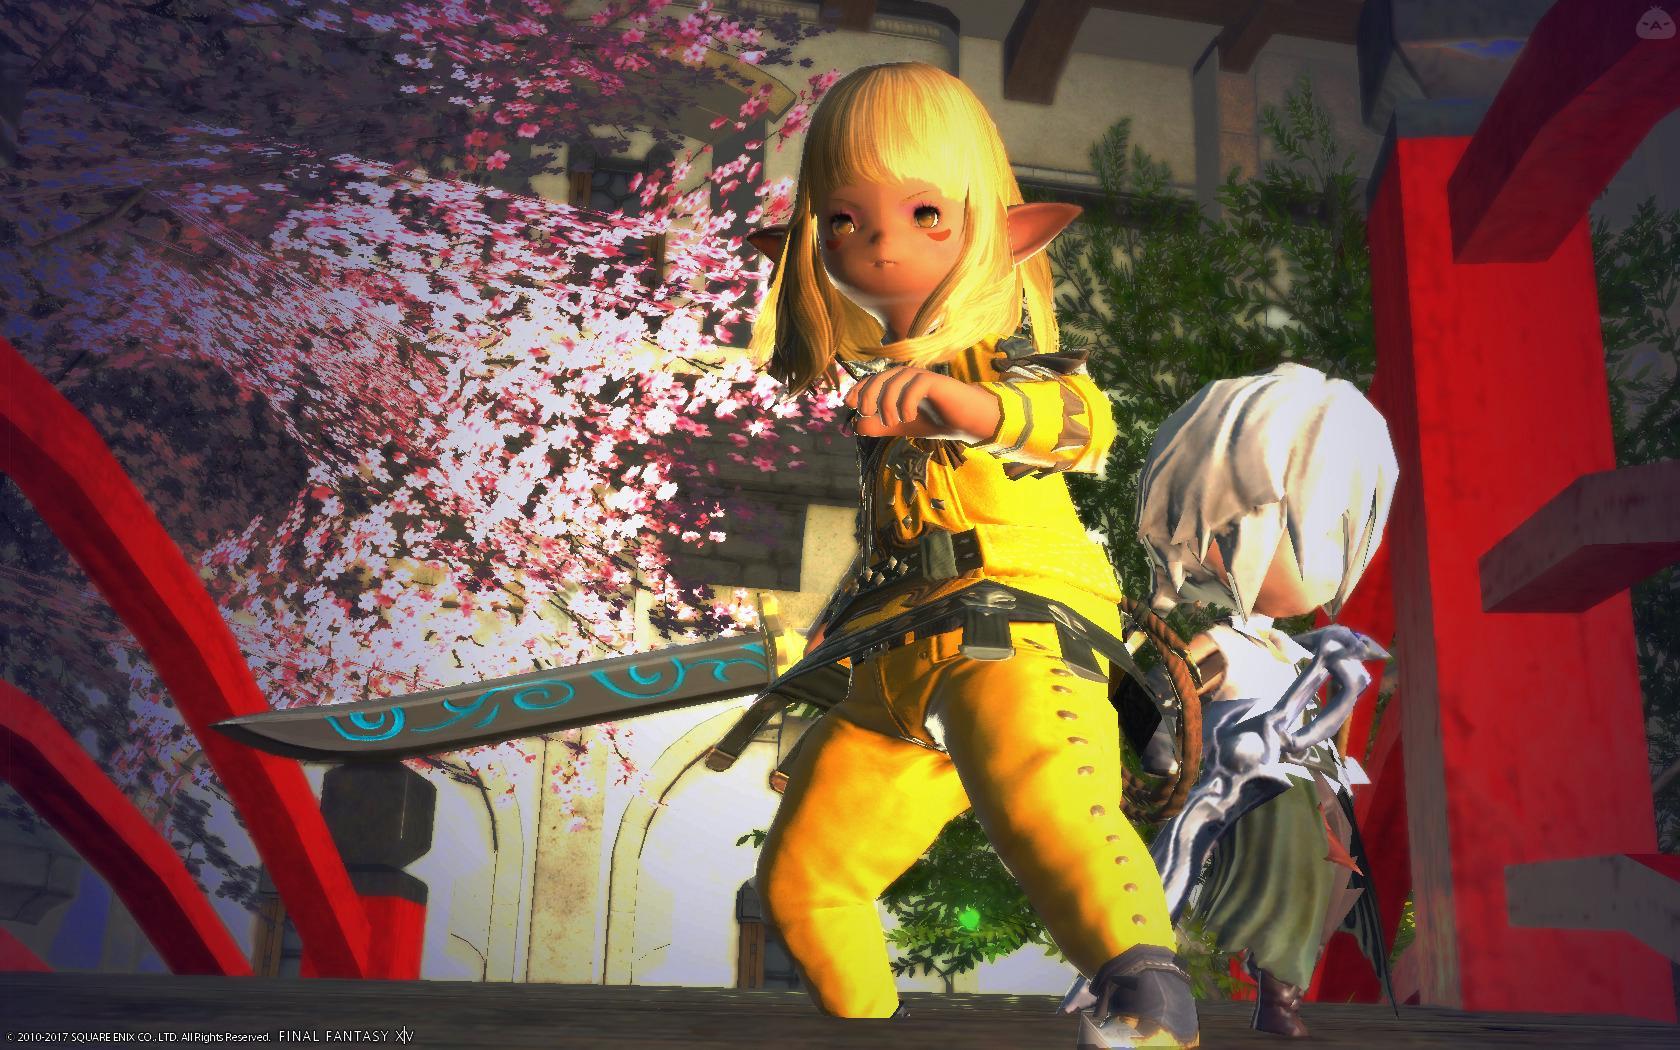 黄色い服で日本刀もって乗り込む。